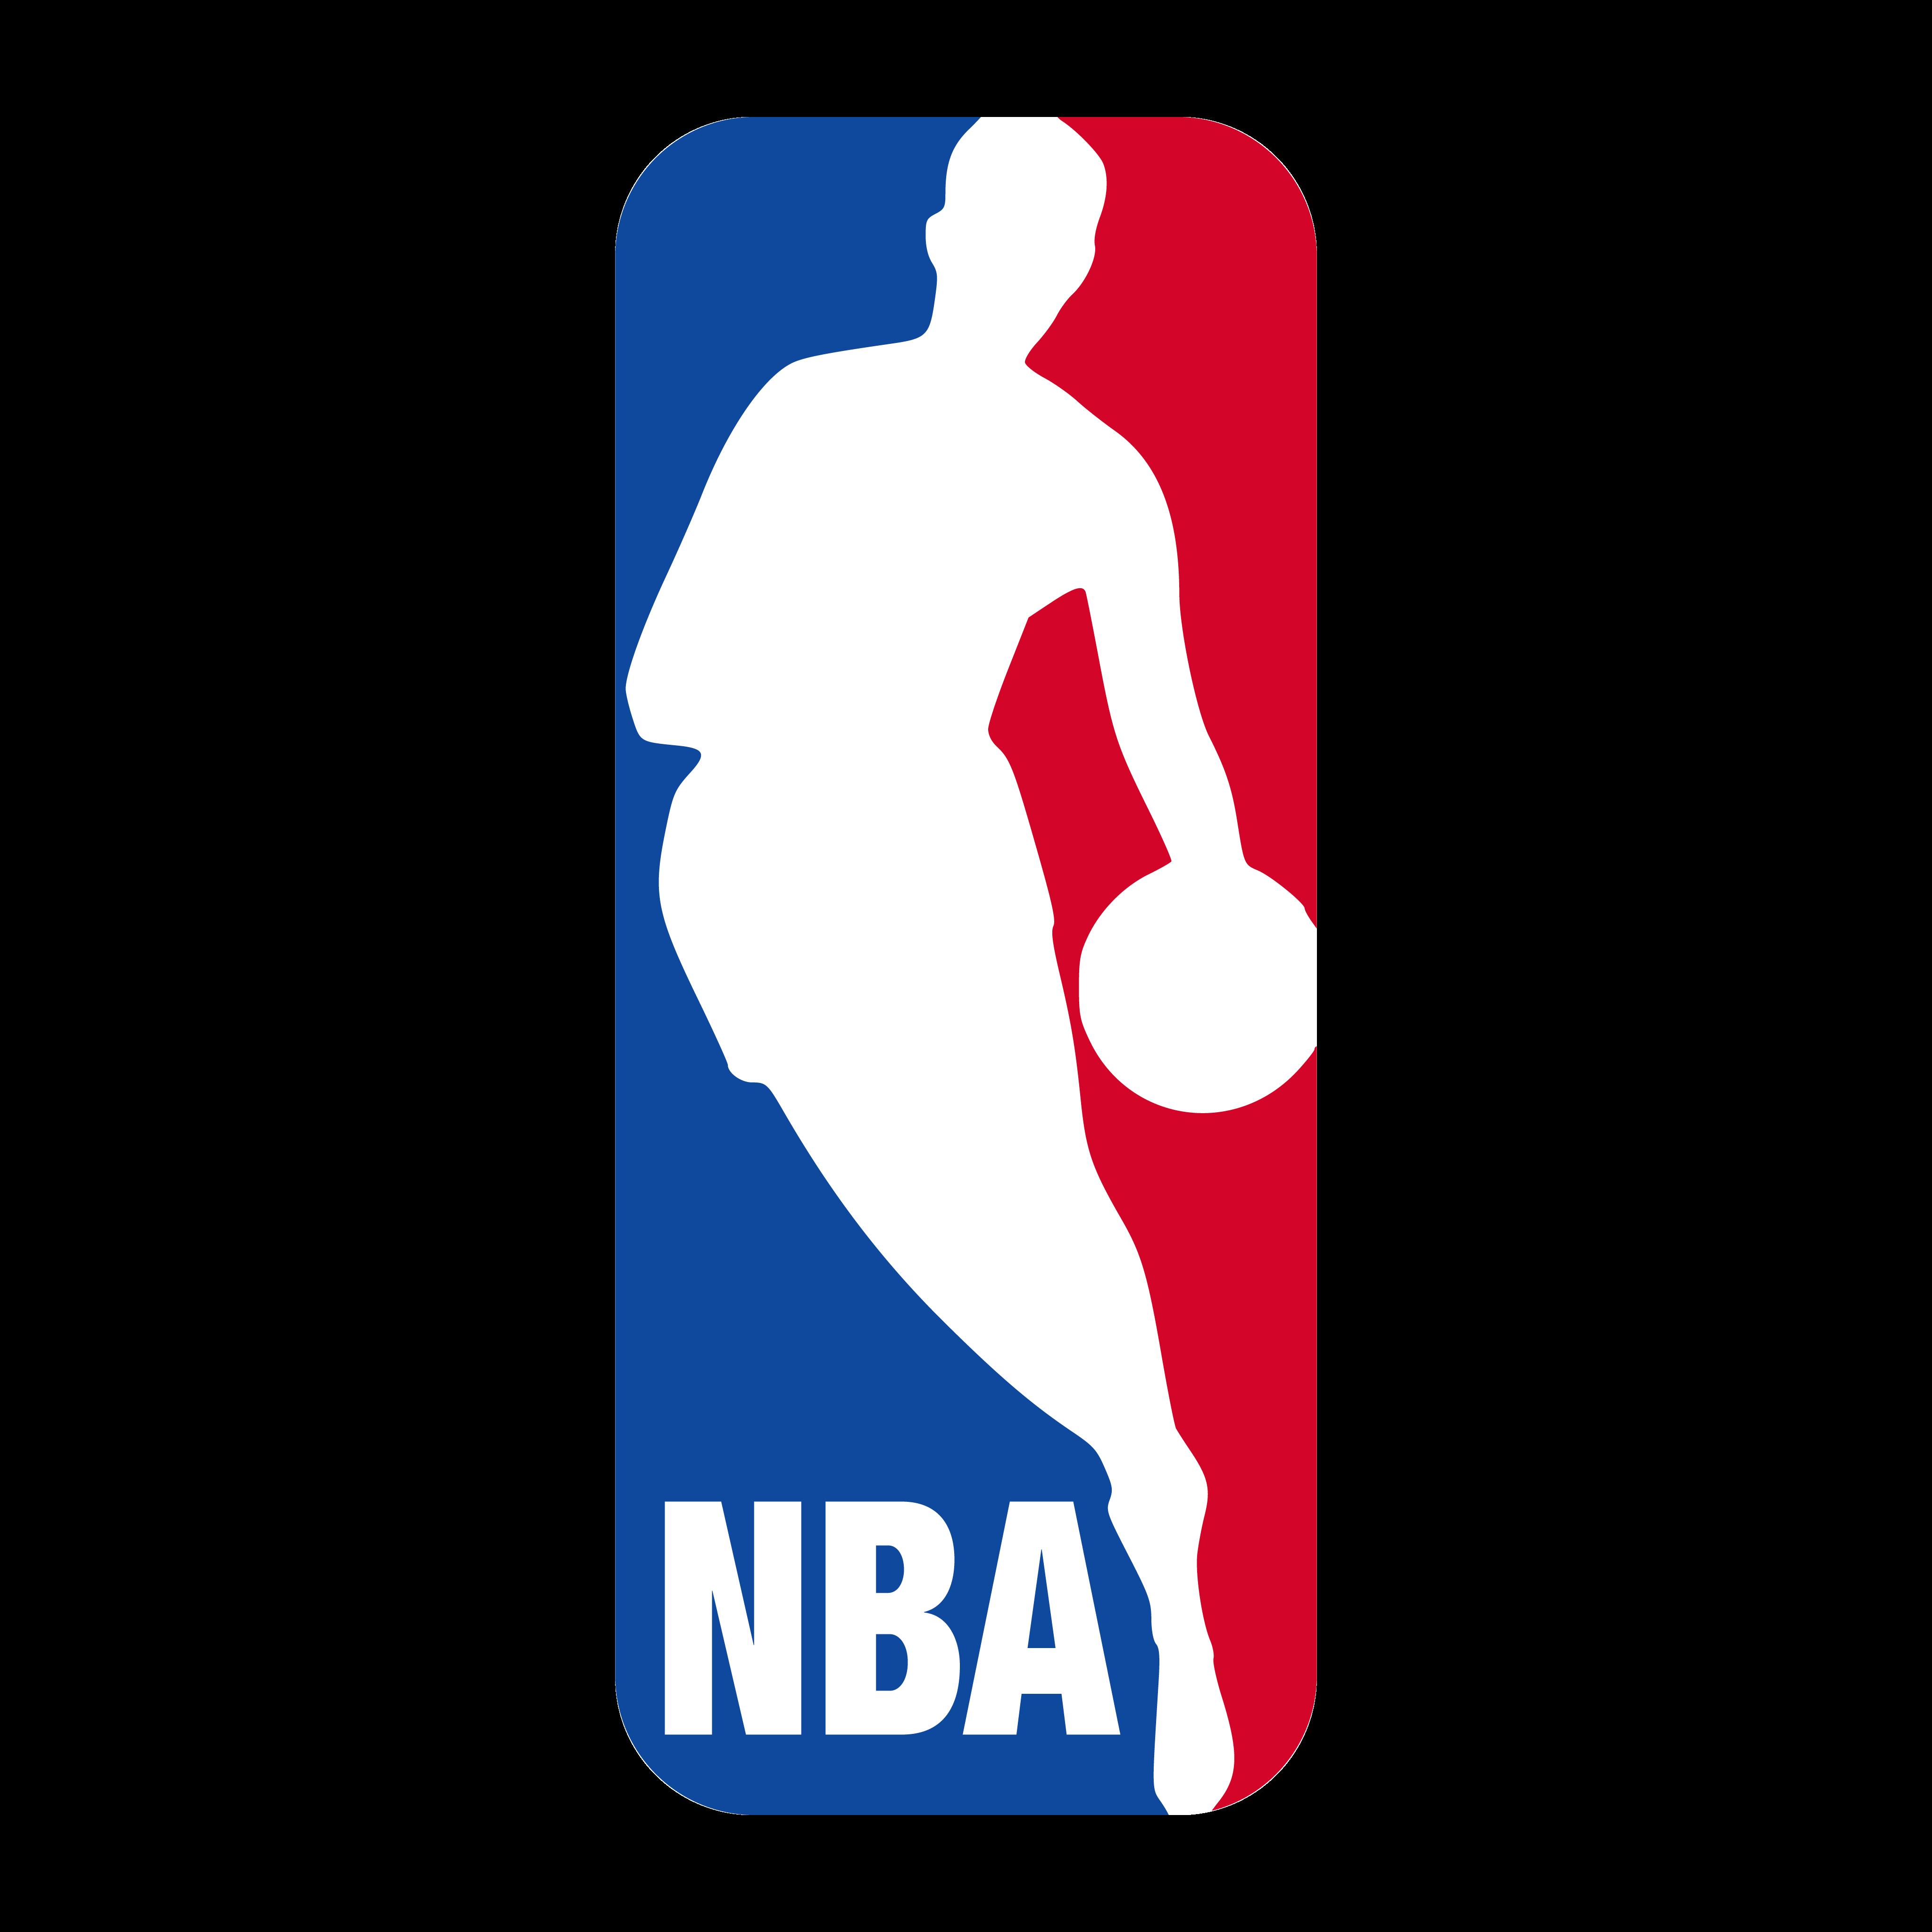 Logo NBA - Logos PNG